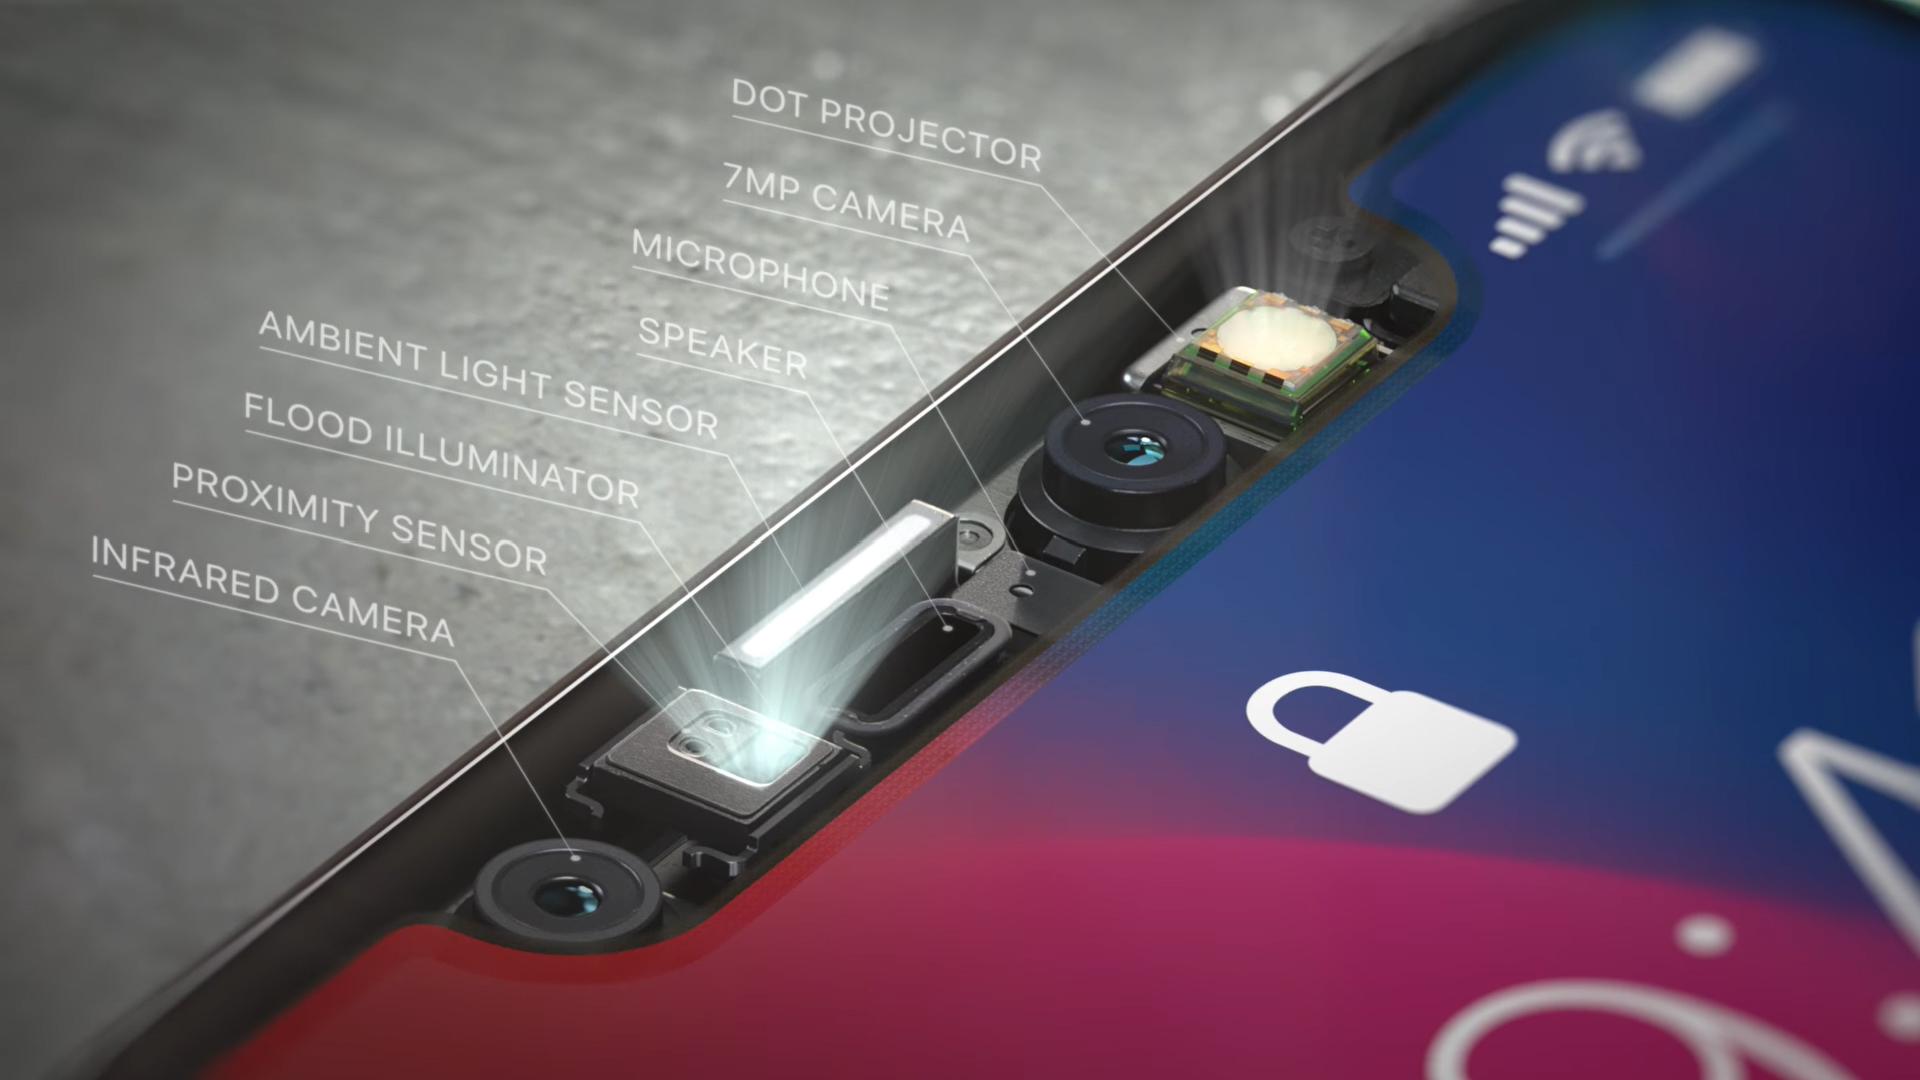 iPhone Xを投入したAppleの狙い。――そしてスマホは人工知能化に向けて加速する